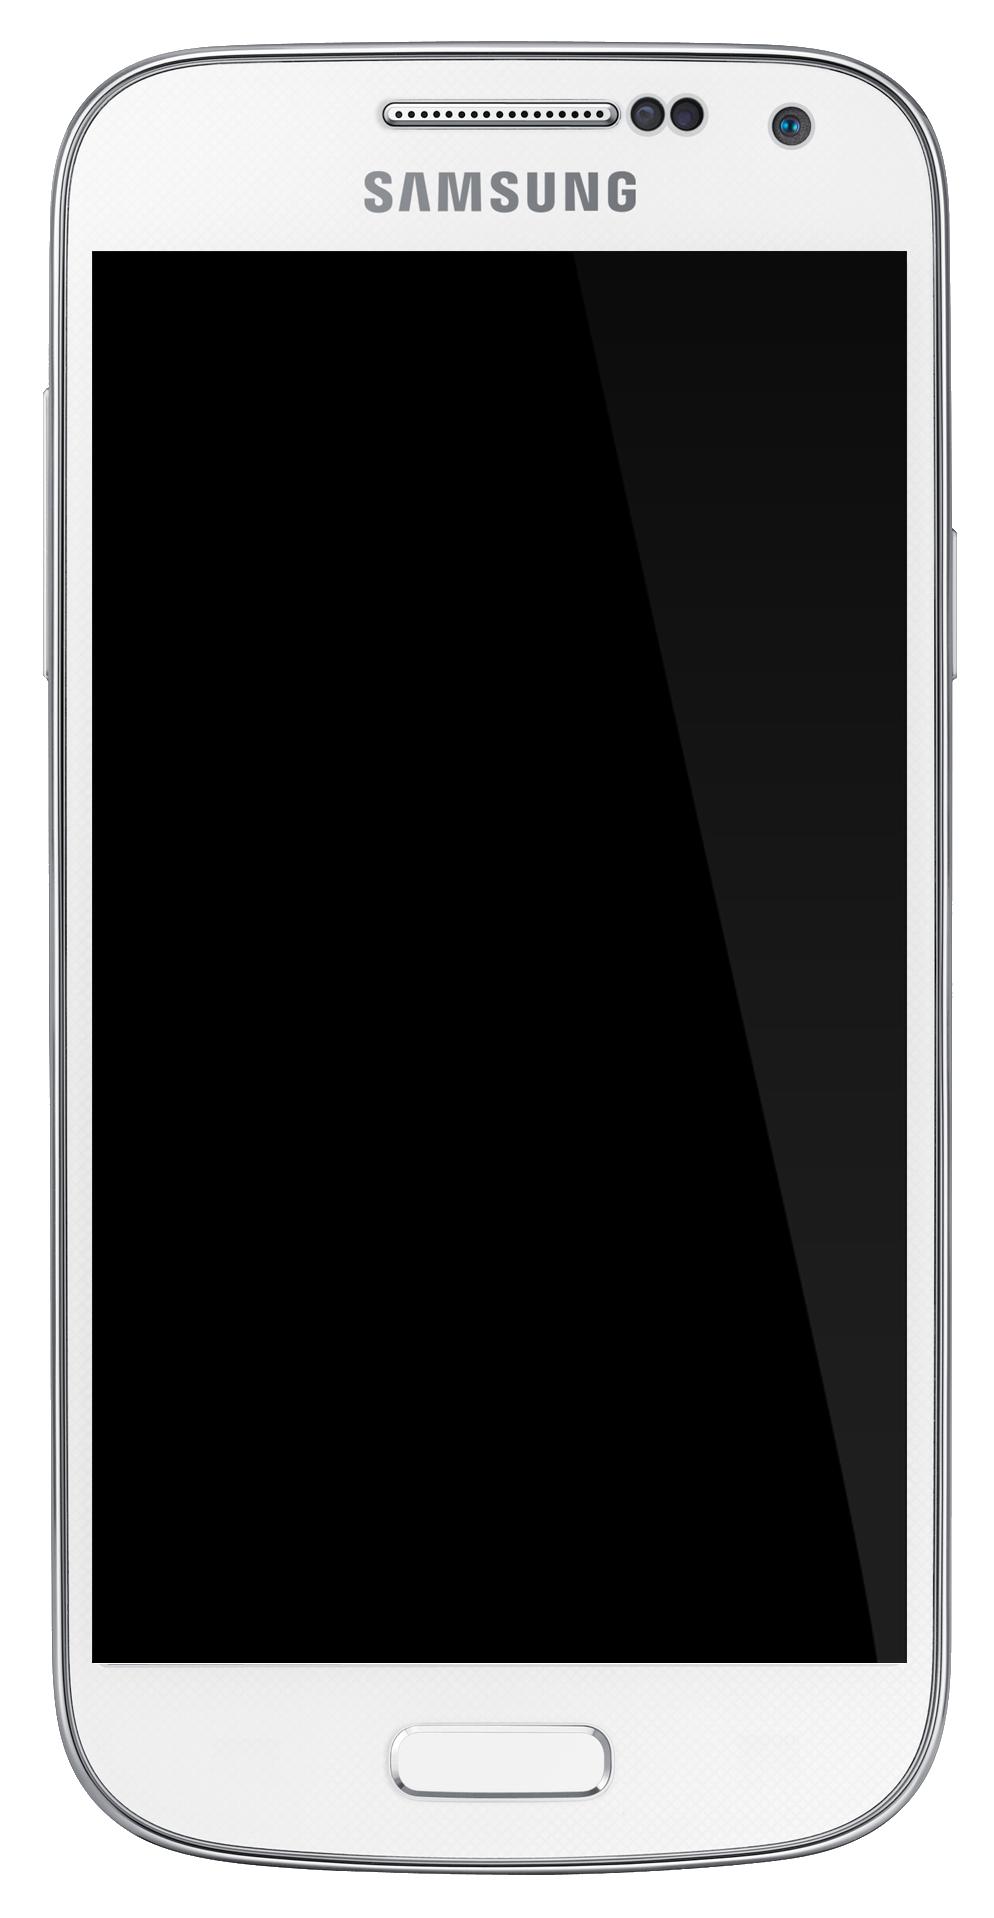 Samsung Galaxy S4 Mini Wikipedia K Zoom 8gb Black